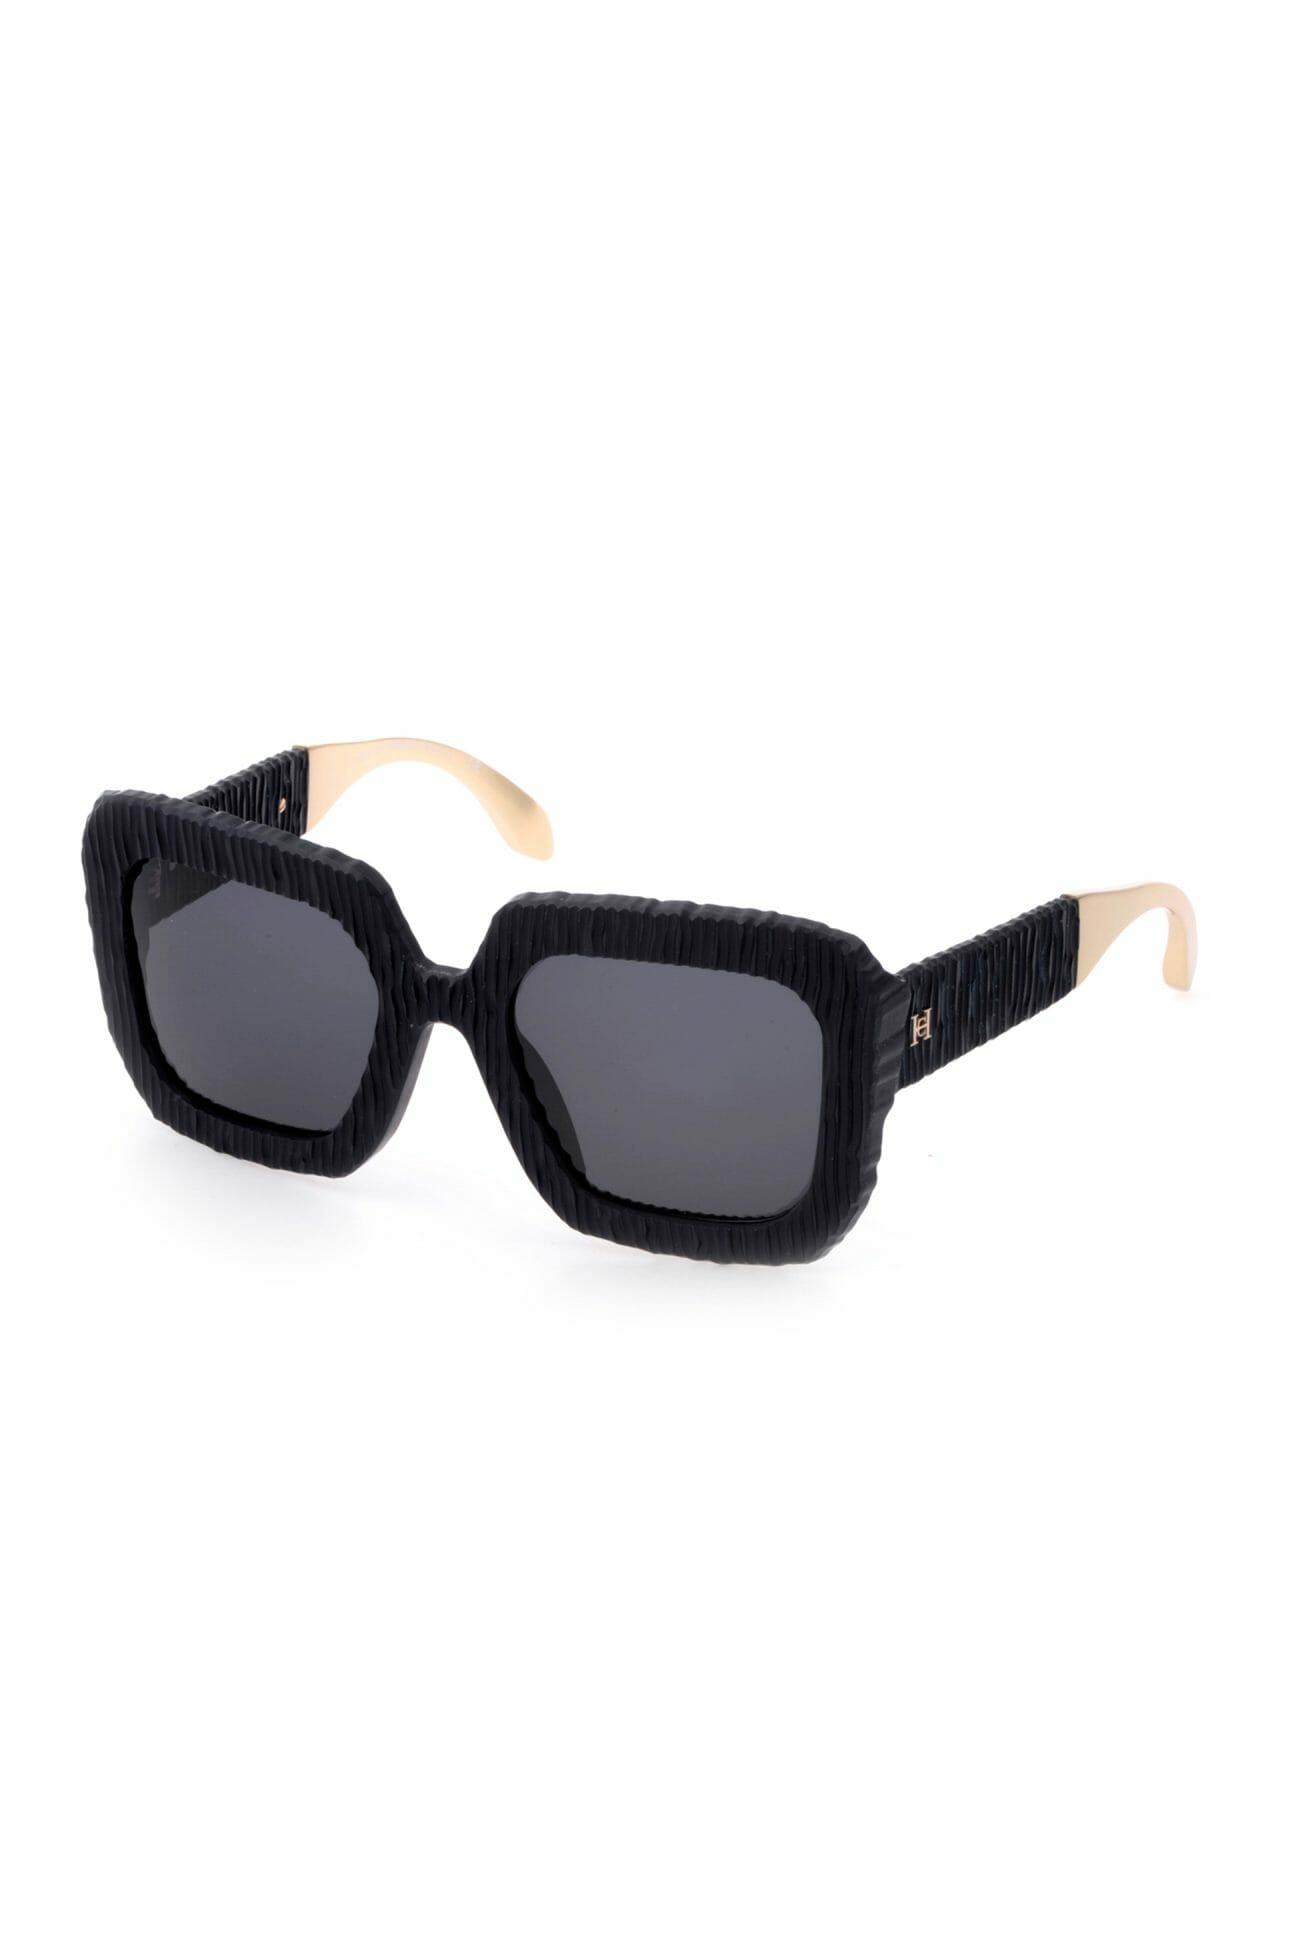 Новые солнцезащитные очки carolina herrera new york с большими квадратными стёклами